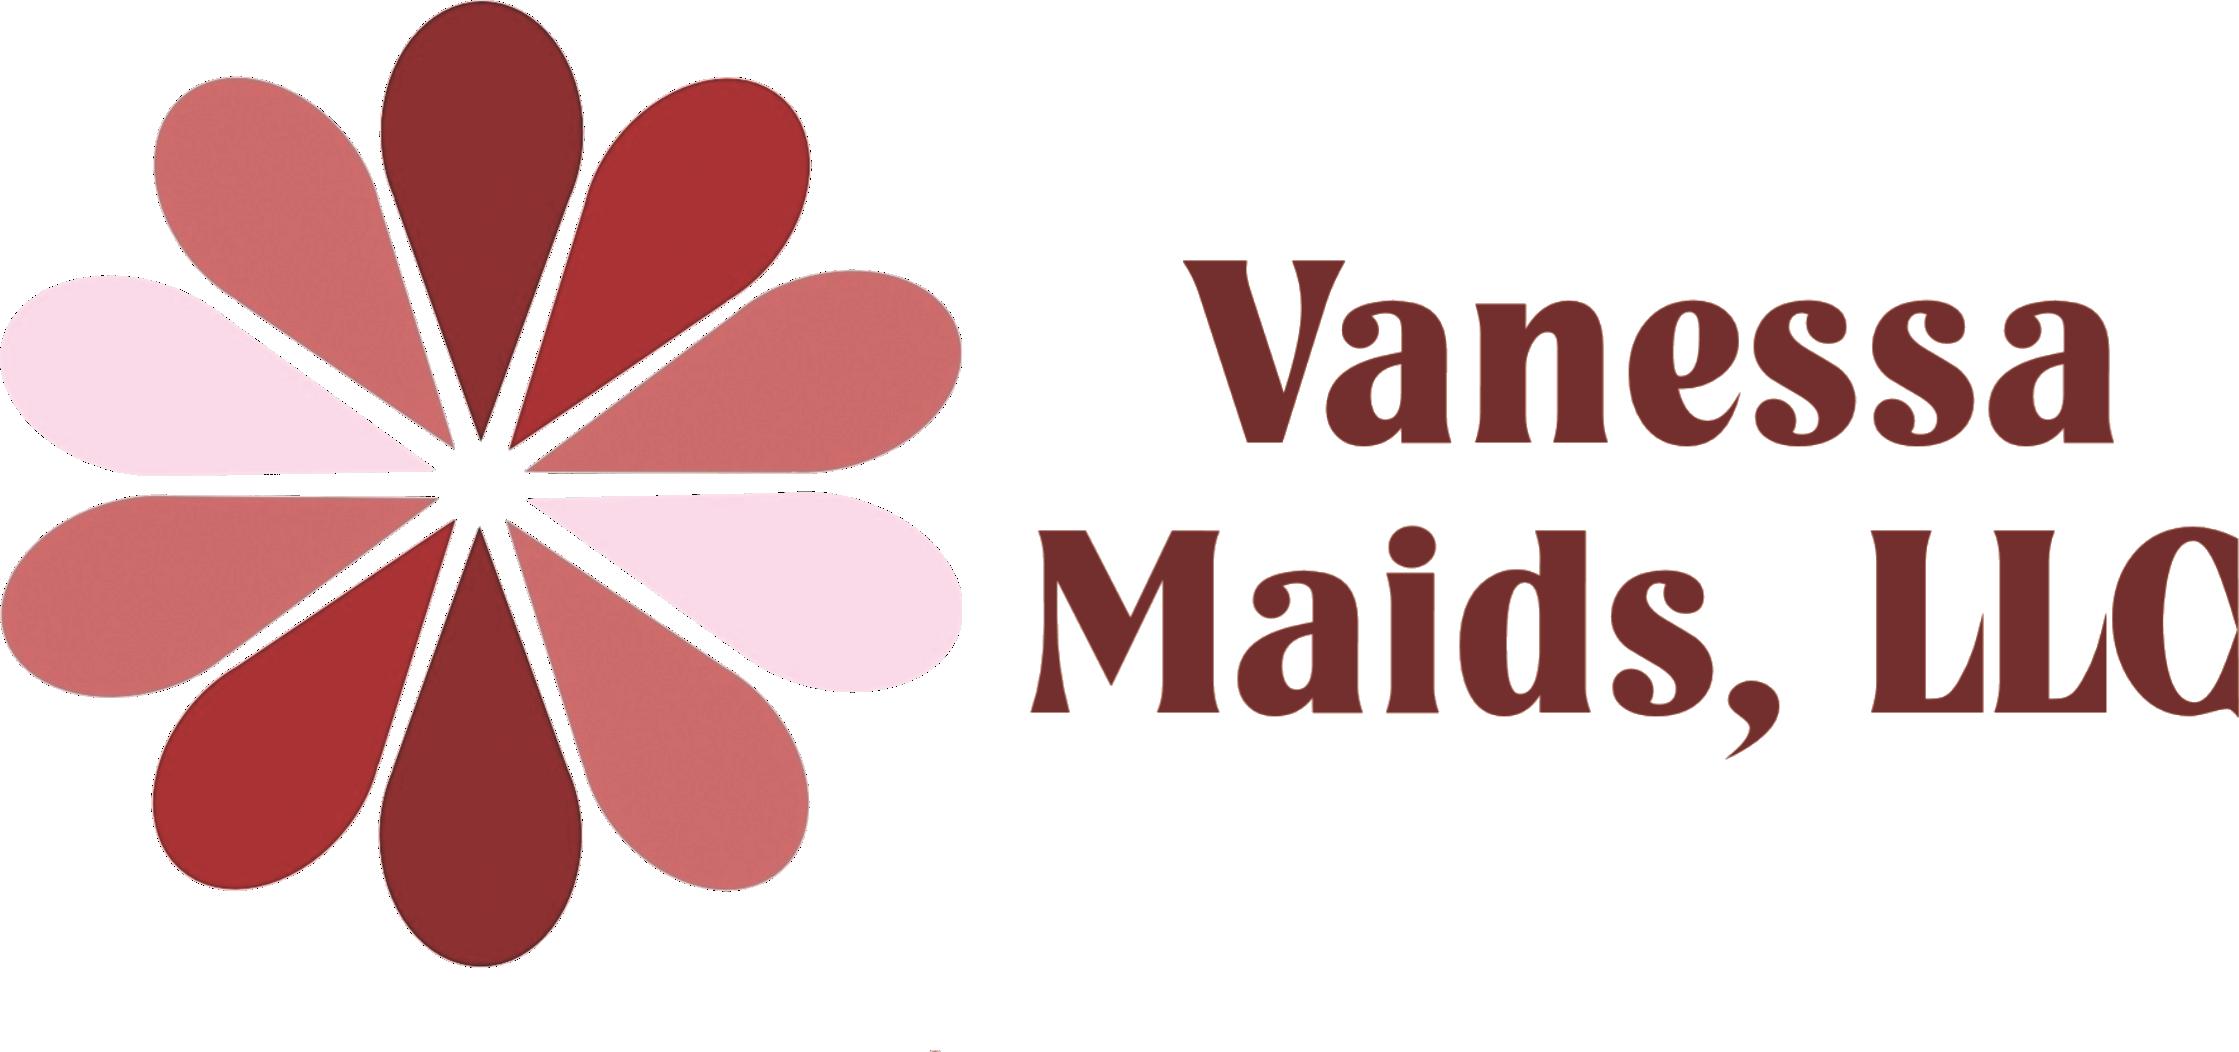 Vanessa Maids